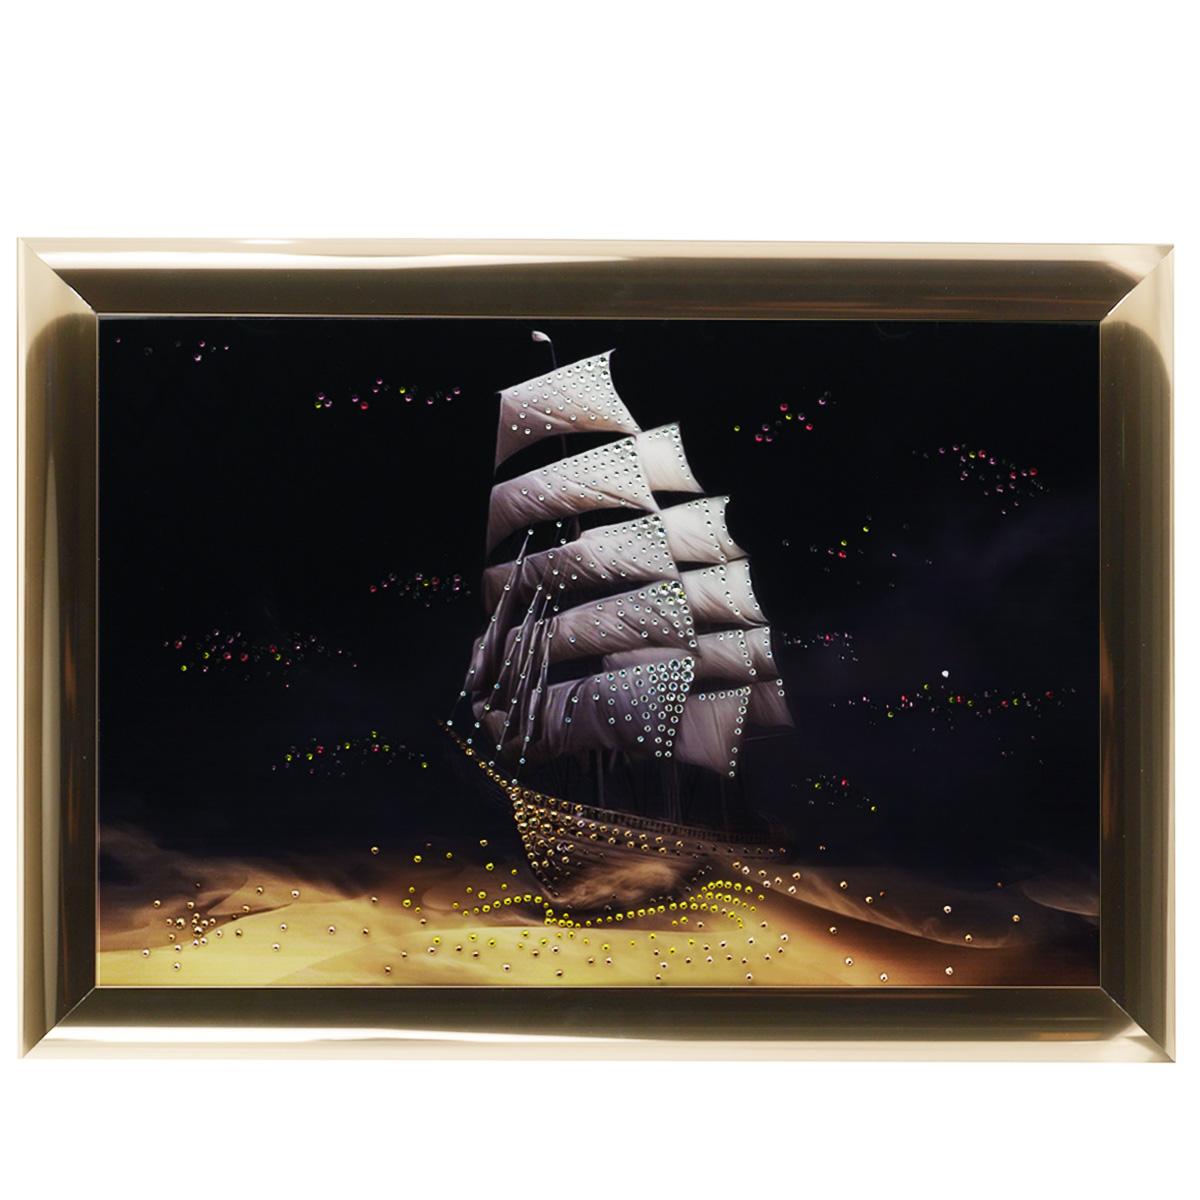 Картина с кристаллами Swarovski Корабль пустыни, 67 х 47 см296669Изящная картина в багетной раме, инкрустирована кристаллами Swarovski, которые отличаются четкой и ровной огранкой, ярким блеском и чистотой цвета. Красочное изображение корабля в пустыни, расположенное на внутренней стороне стекла, прекрасно дополняет блеск кристаллов. С обратной стороны имеется металлическая проволока для размещения картины на стене. Картина с кристаллами Swarovski Корабль пустыни элегантно украсит интерьер дома или офиса, а также станет прекрасным подарком, который обязательно понравится получателю. Блеск кристаллов в интерьере, что может быть сказочнее и удивительнее. Картина упакована в подарочную картонную коробку синего цвета и комплектуется сертификатом соответствия Swarovski.